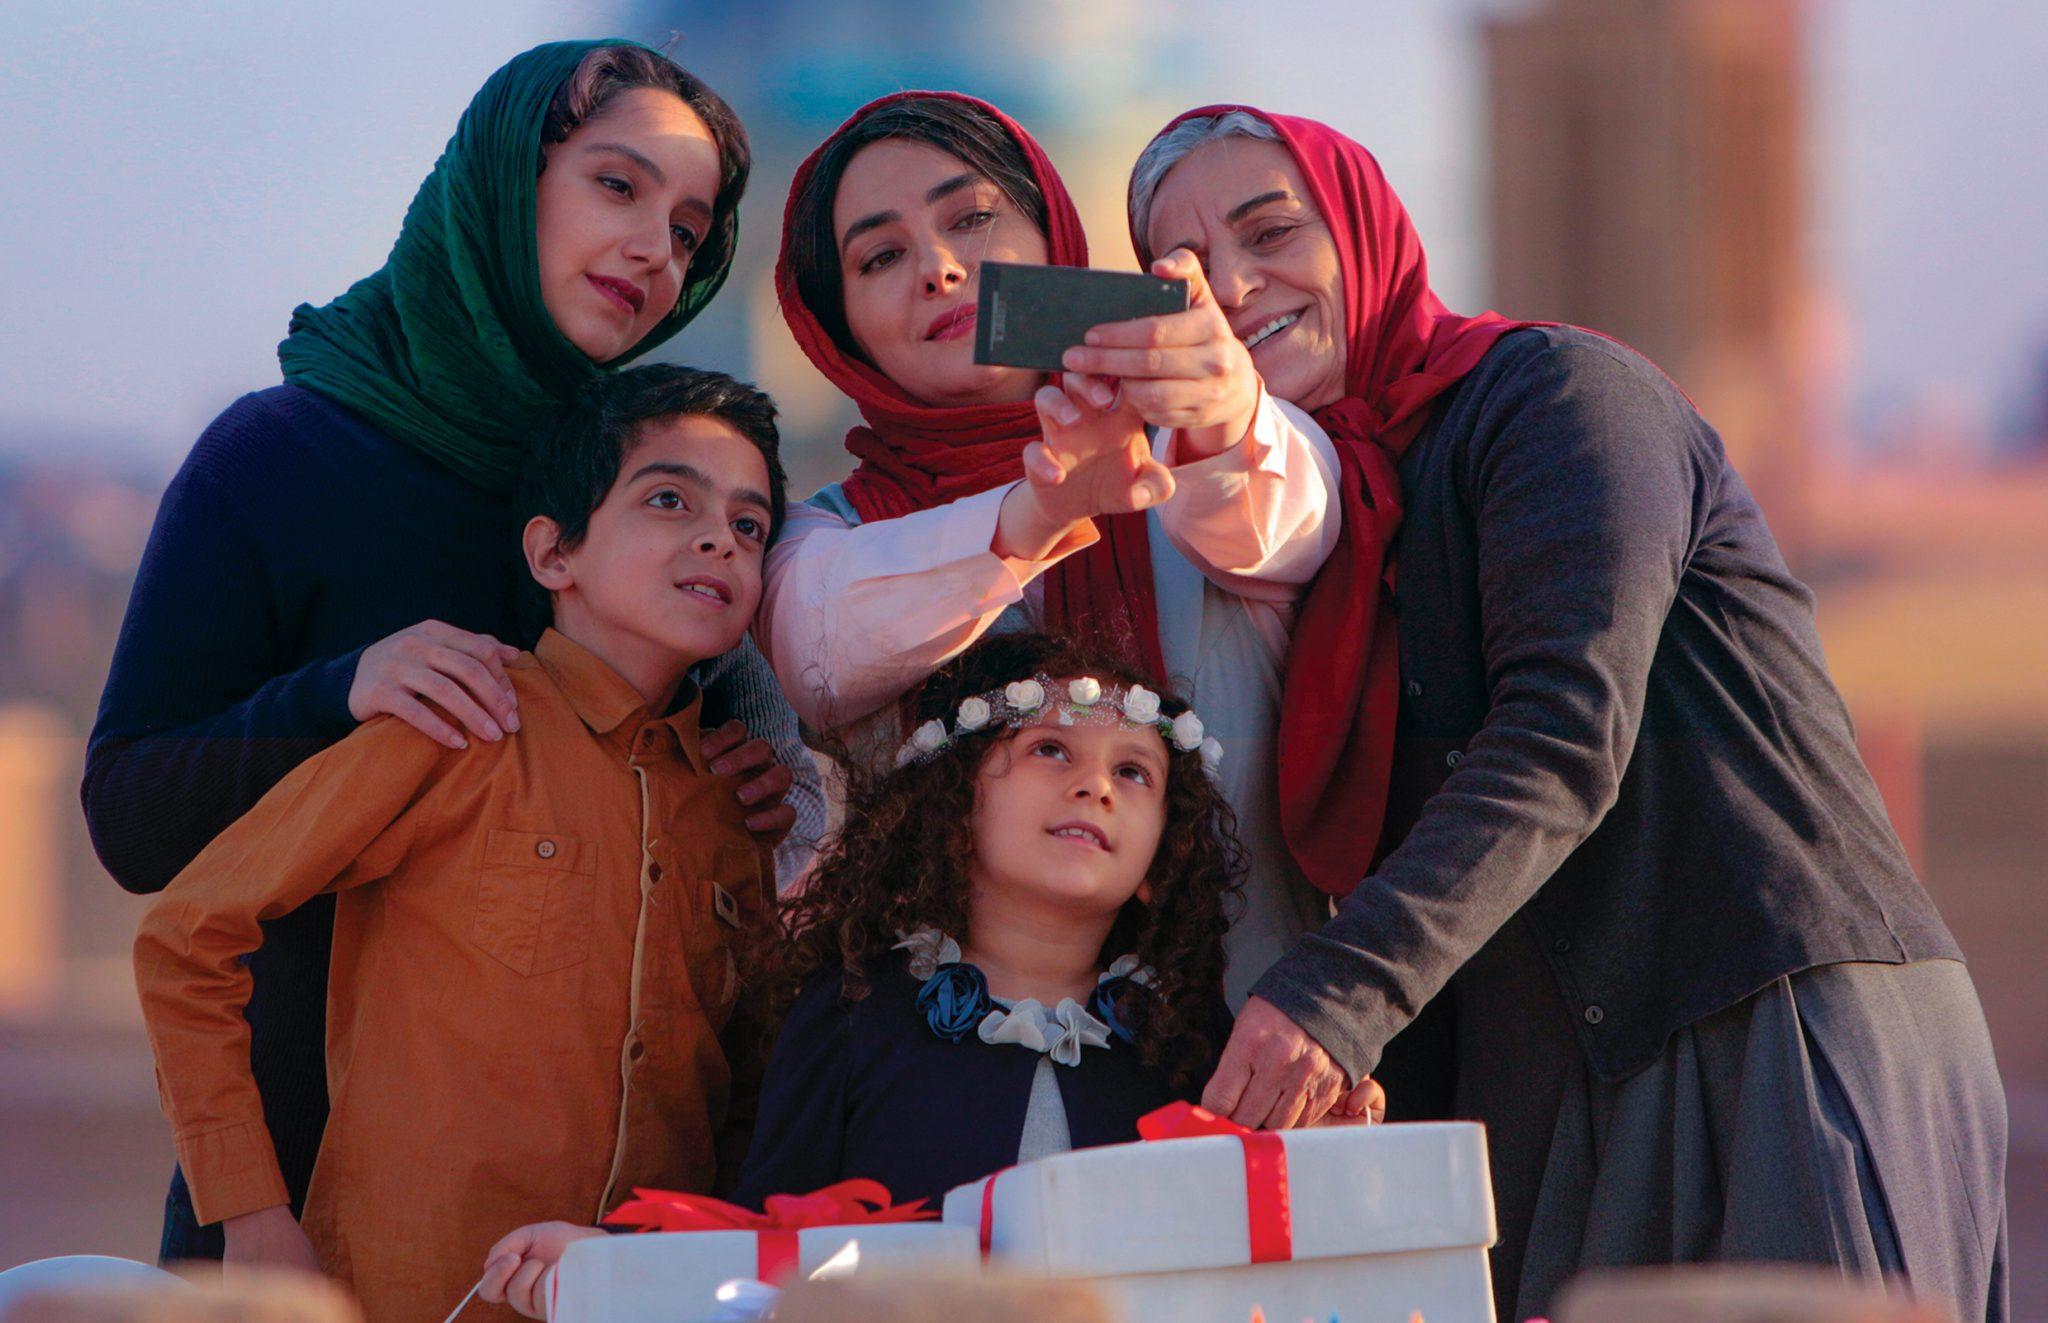 نقد فیلم مادری به کارگردانی رقیه توکلی